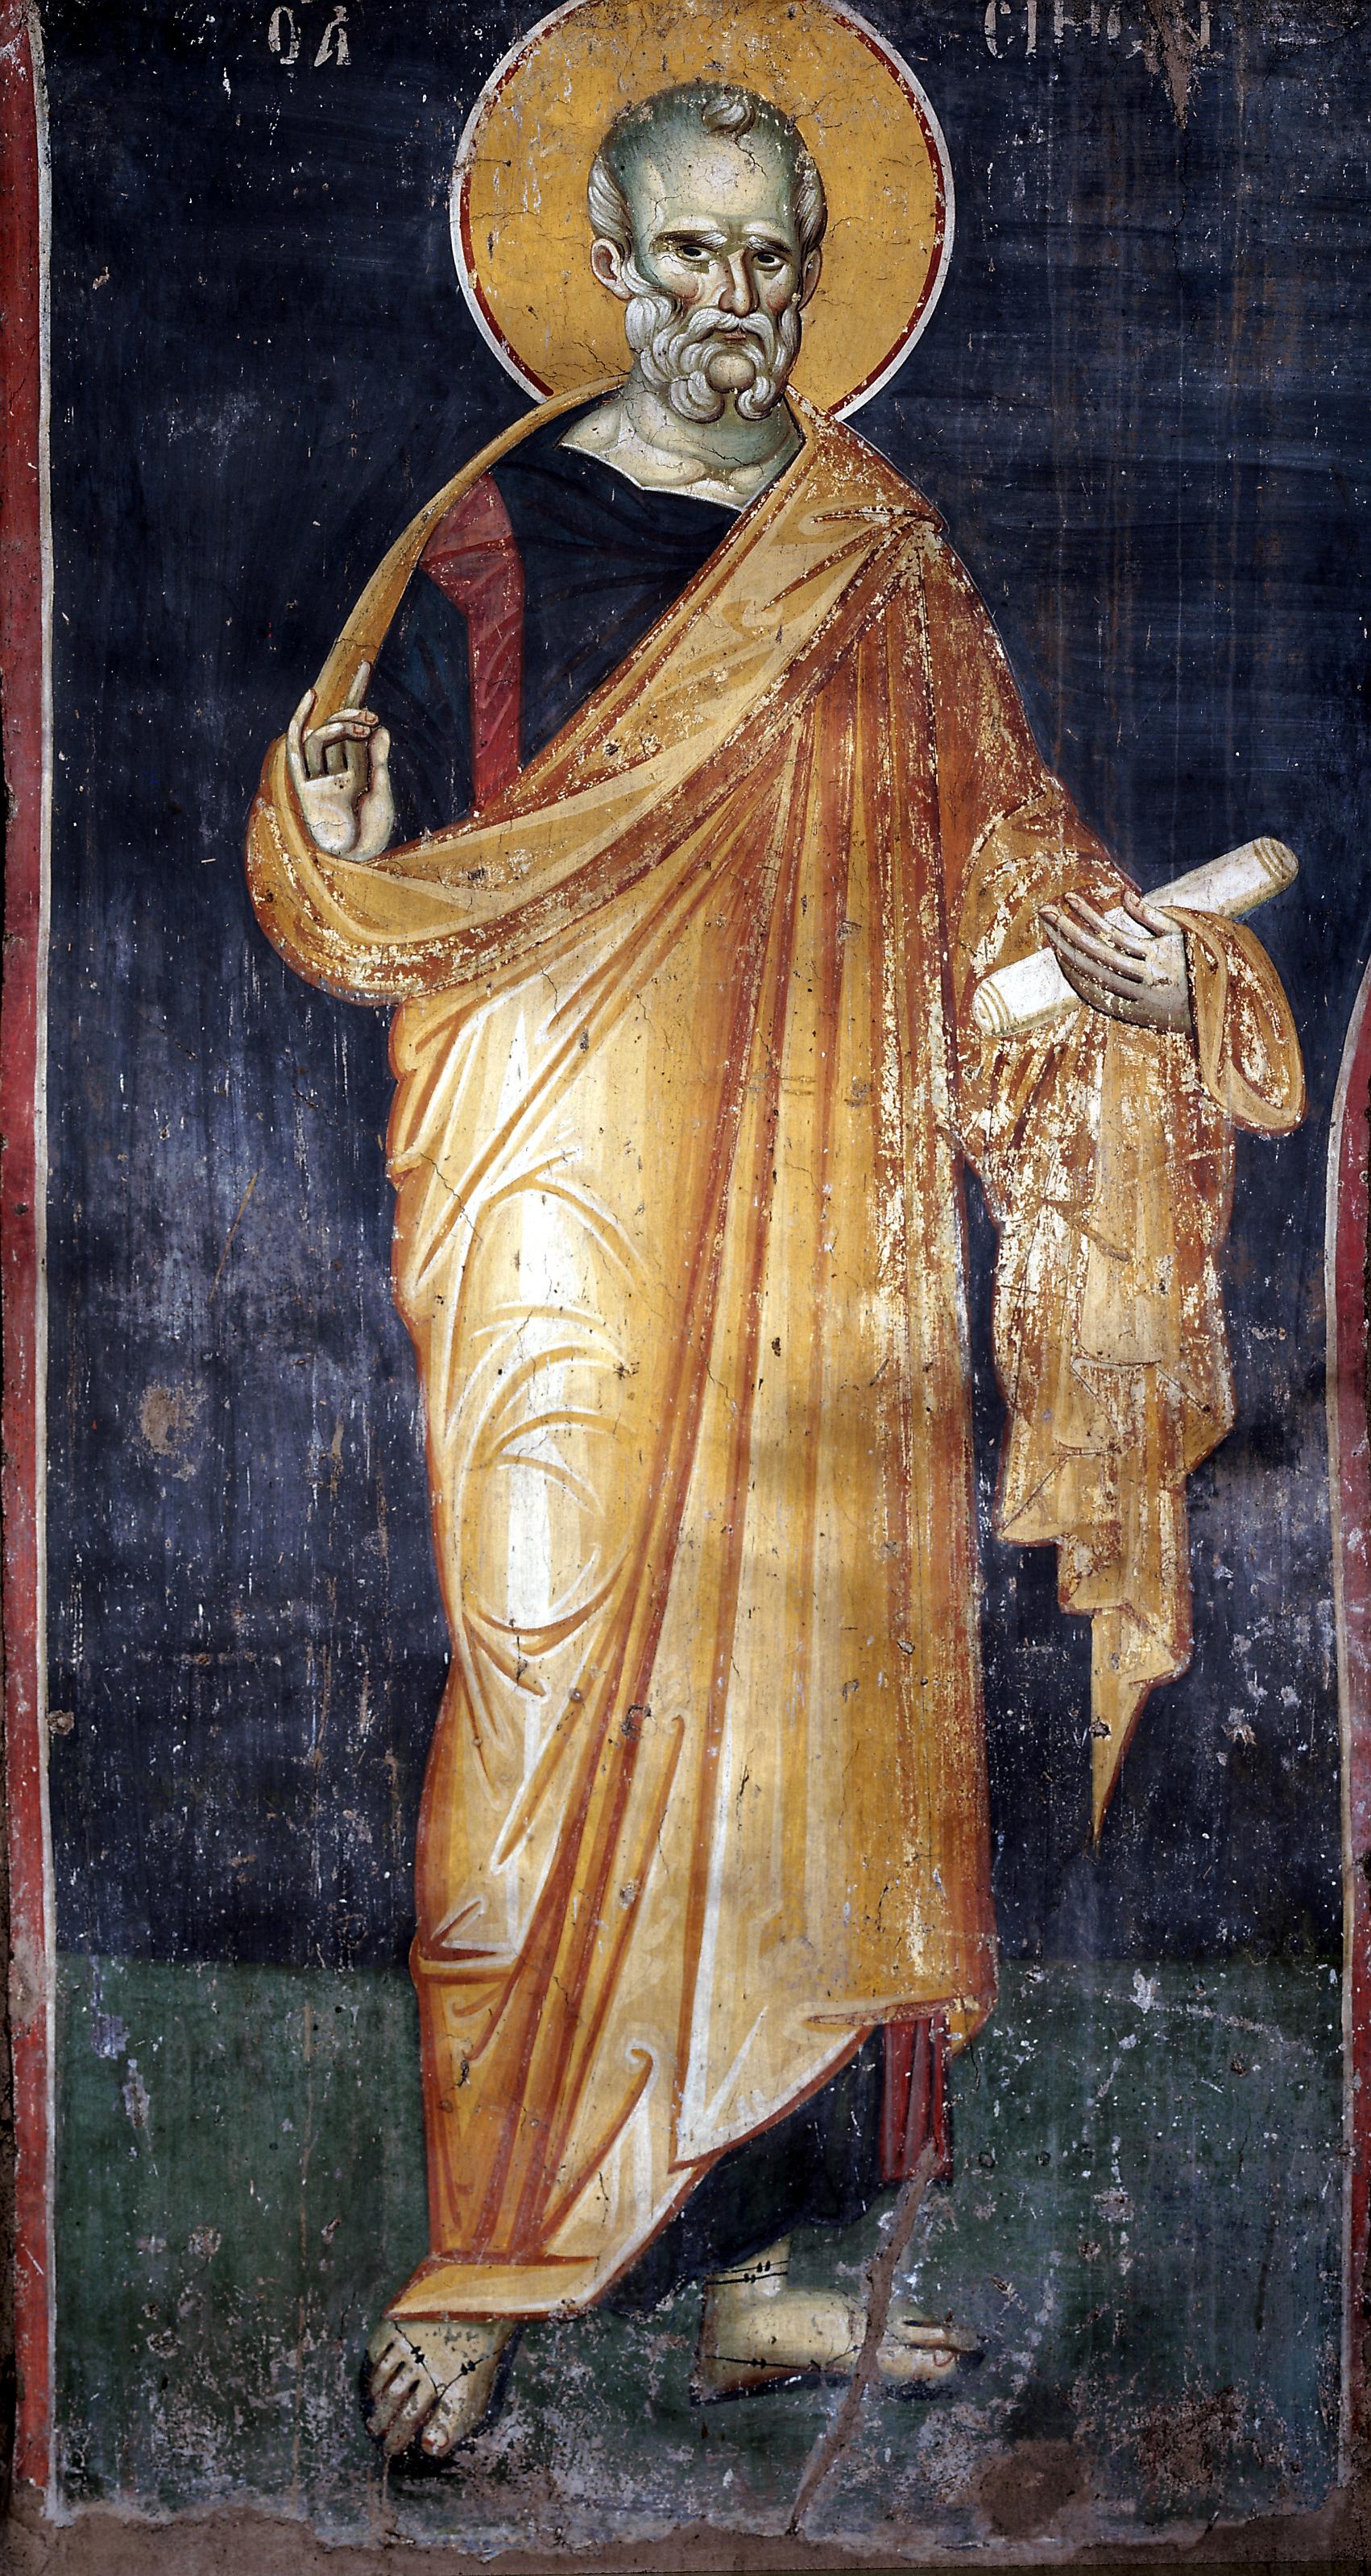 Апостол Симон Зилот (Кананит), дни памяти 10 мая, 30 июня стар.ст.